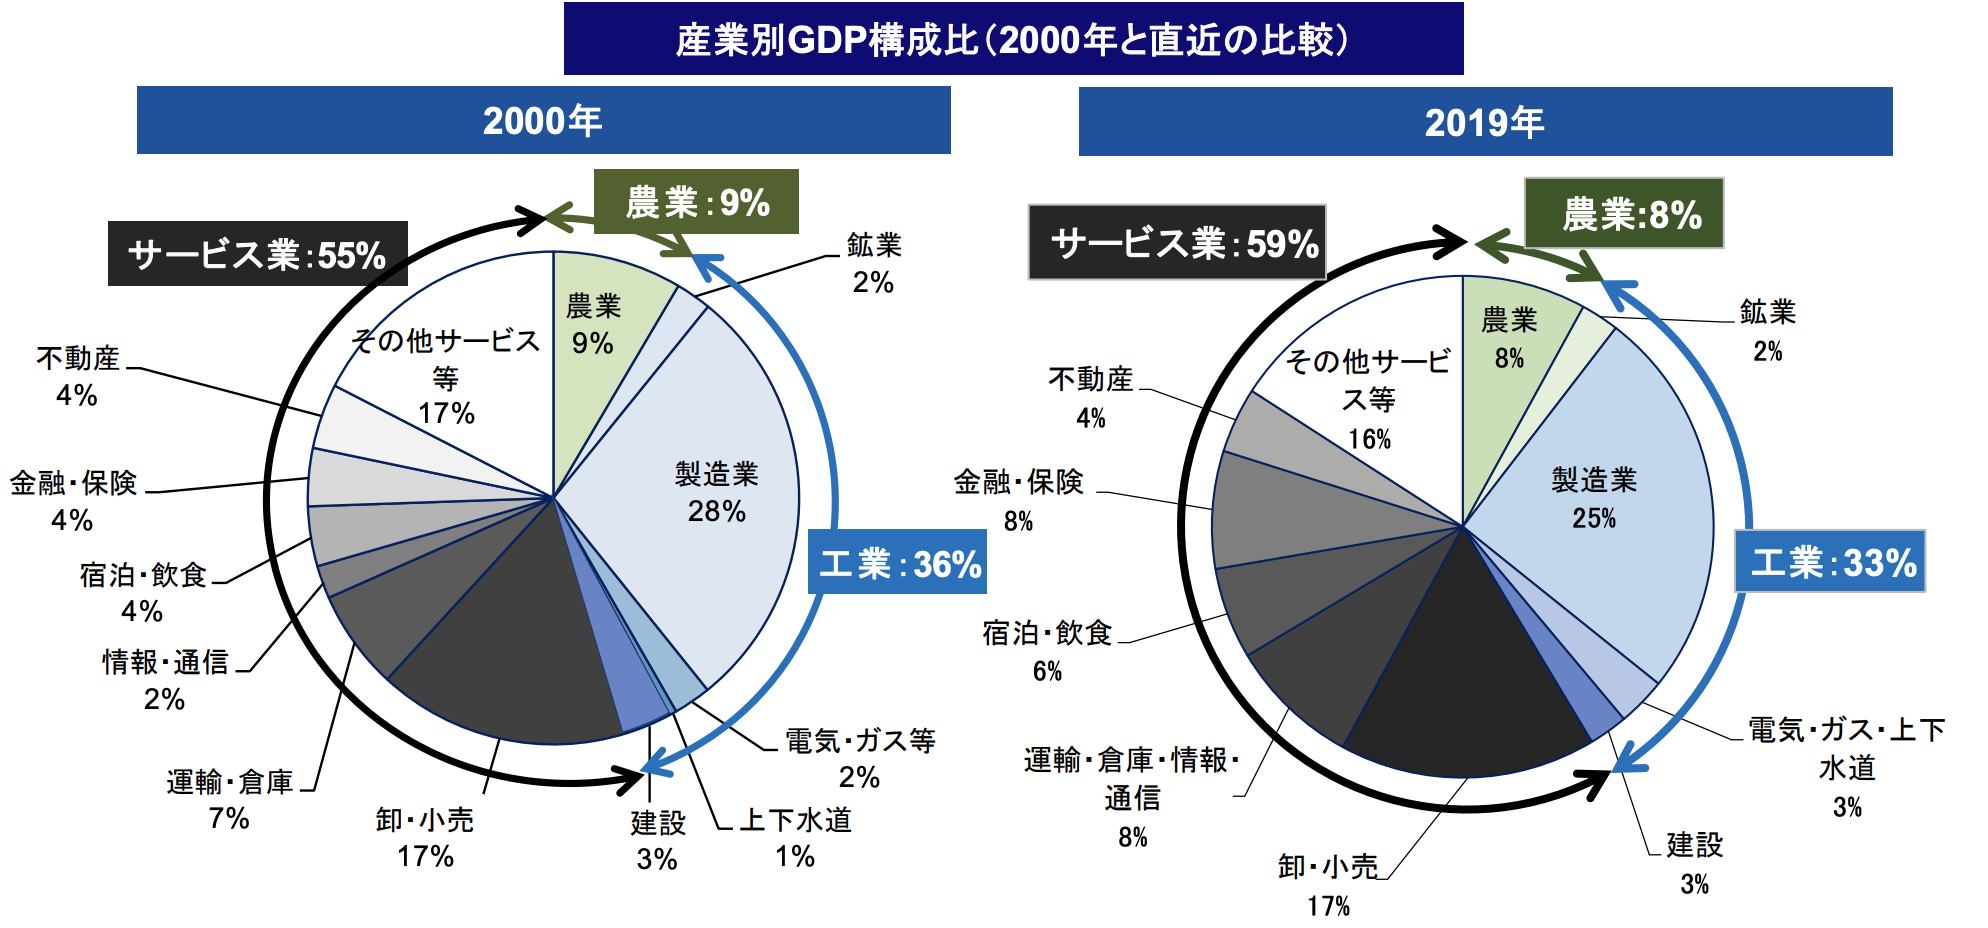 産業別GDP構成比(2000年と直近の比較)